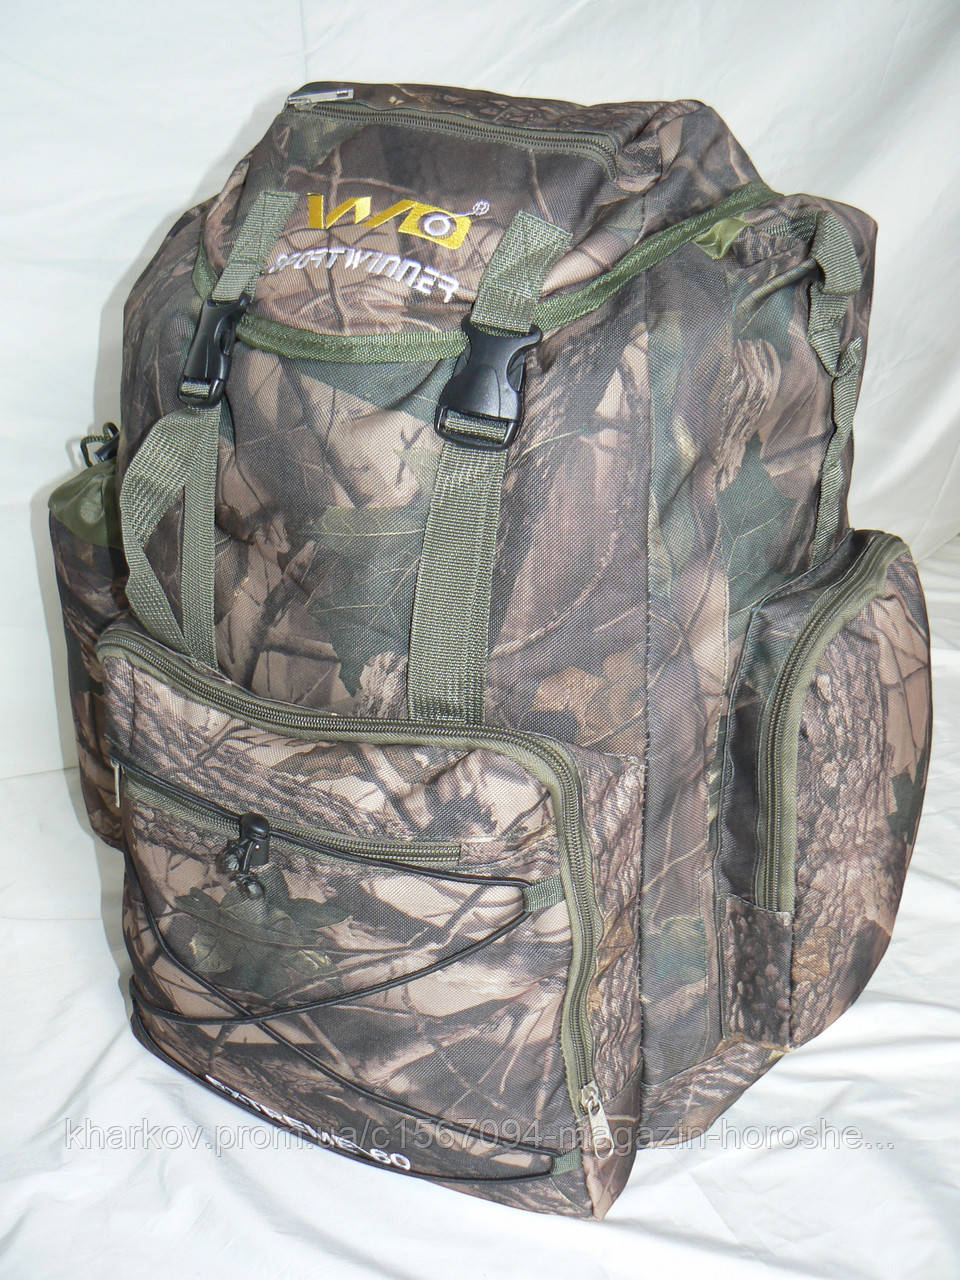 купить рюкзак для рыбалки в барнауле